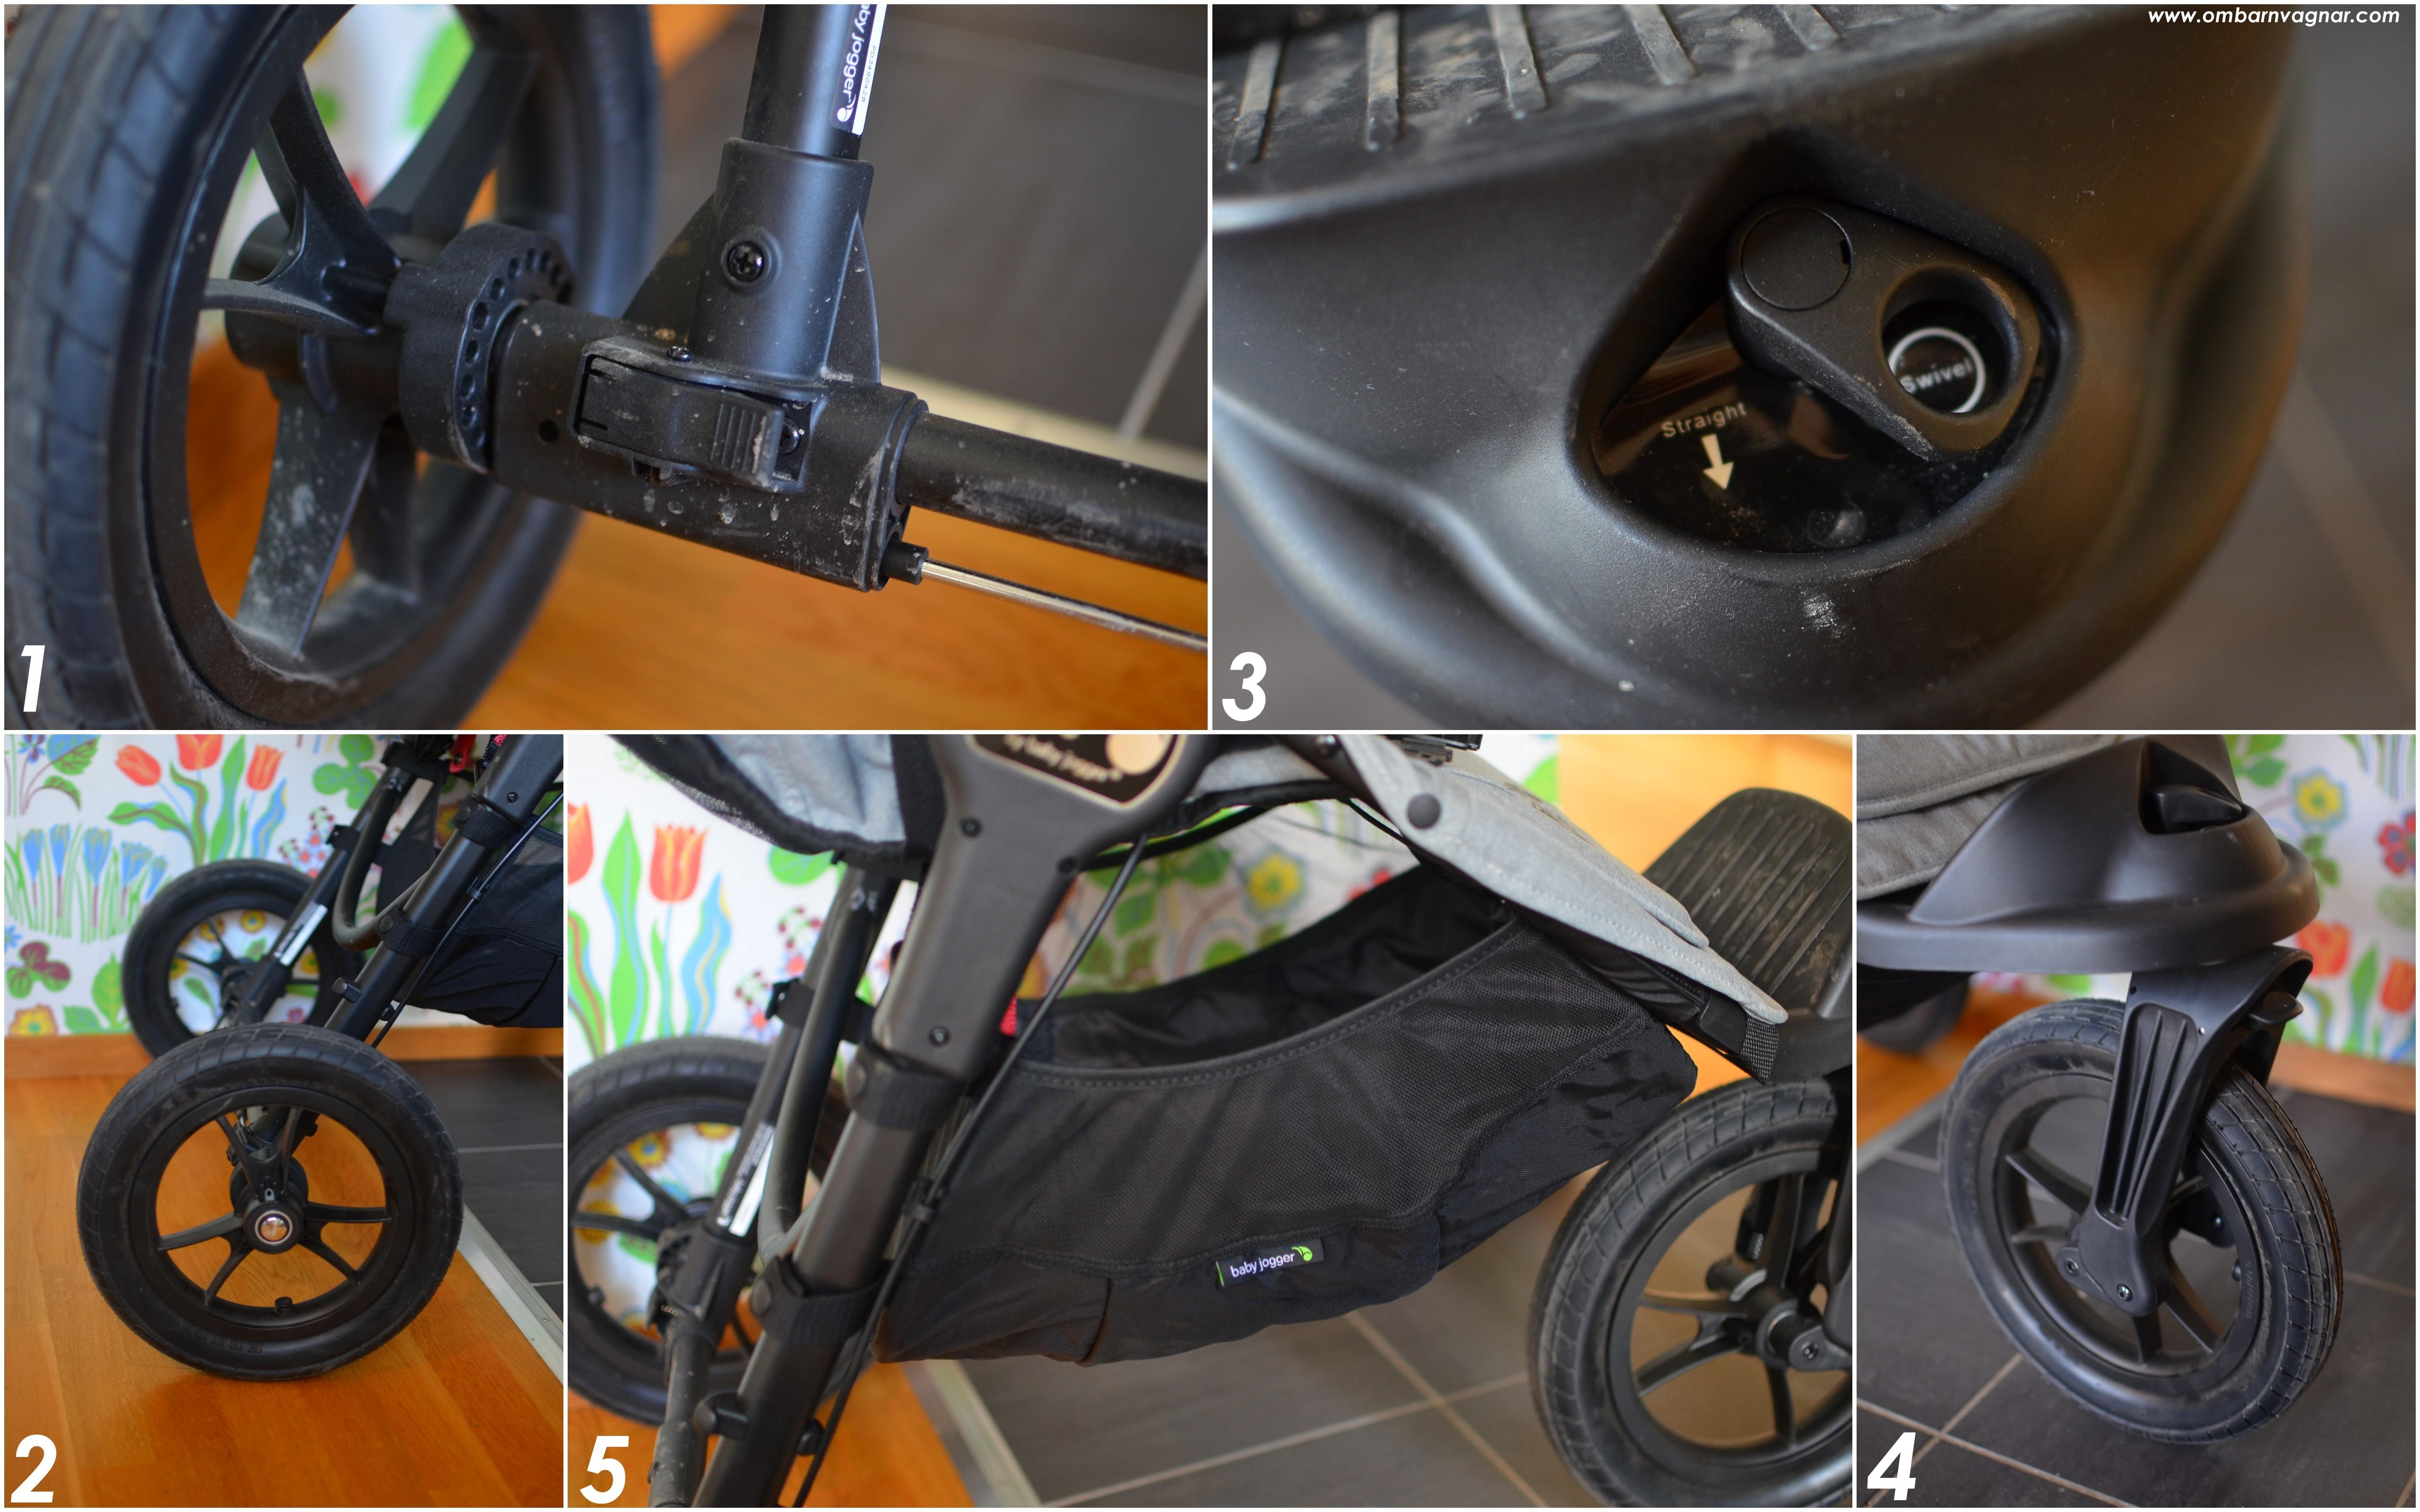 Baby Jogger City Elite stora foamfyllda punkteringsfria hjul och rymlig varukorg